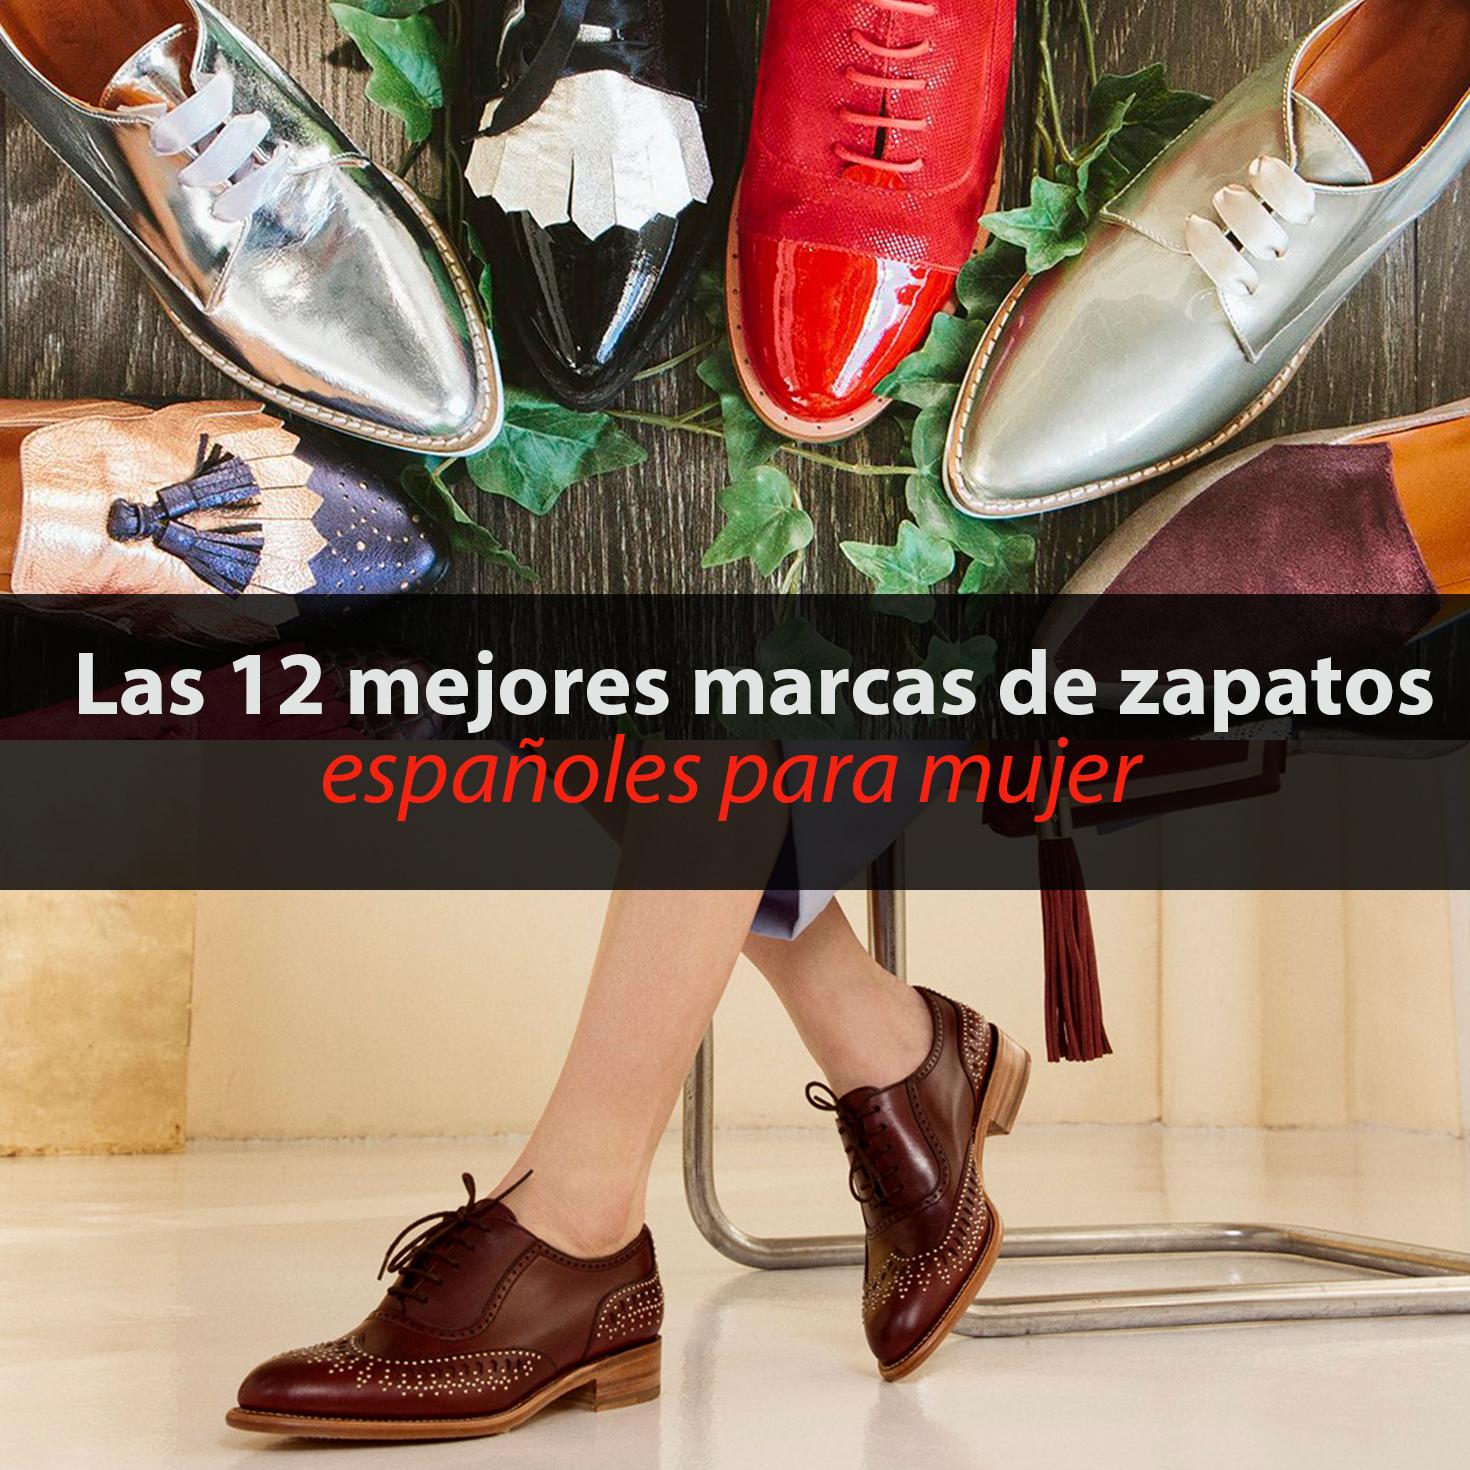 De Métodos Mejores Para Marcas Las Chicas 12 Zapatos Españoles tTq77R